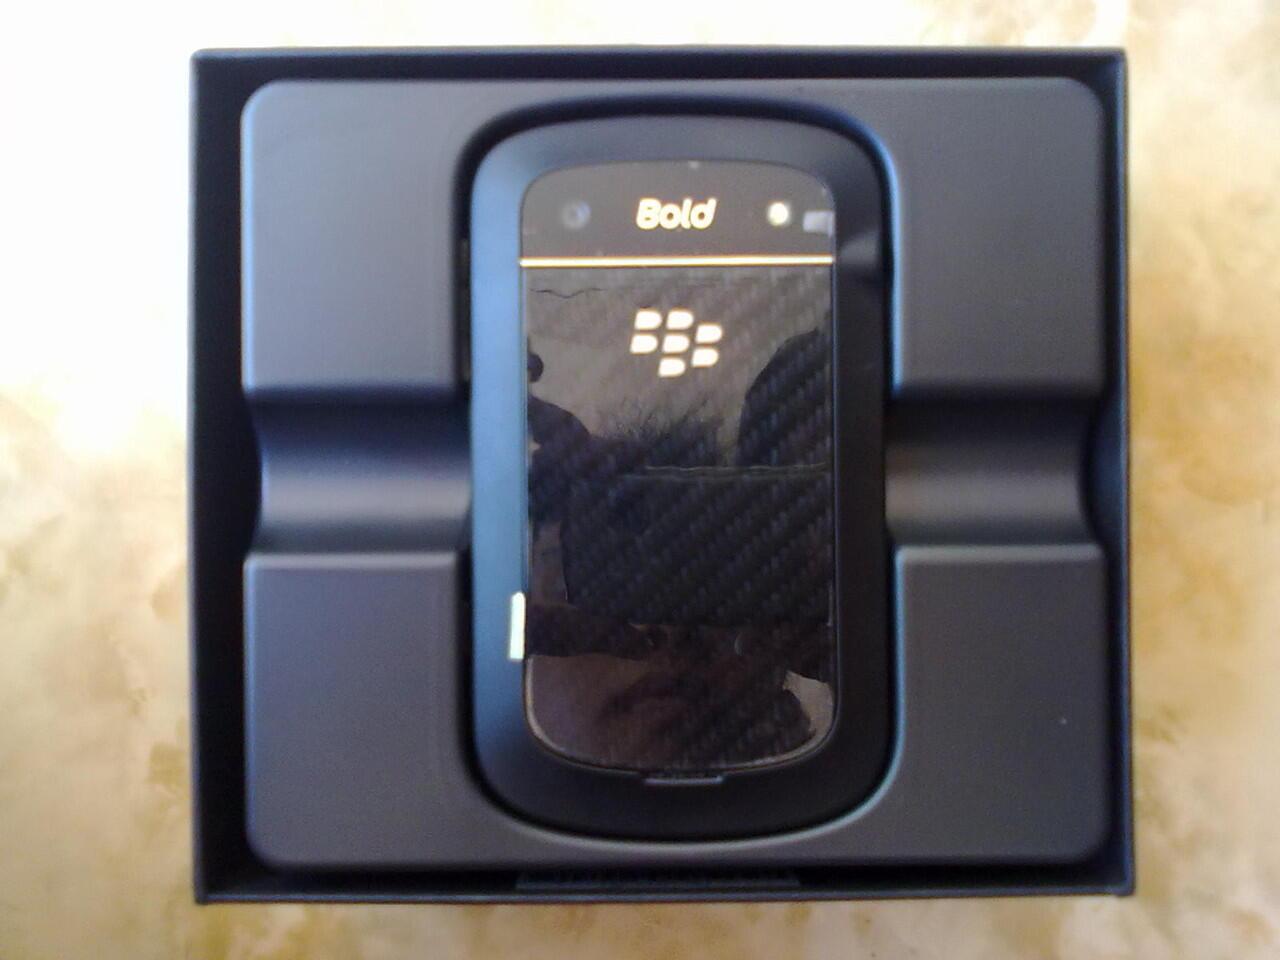 Blackberry 9900 Dakota TAM Surabaya [bu]